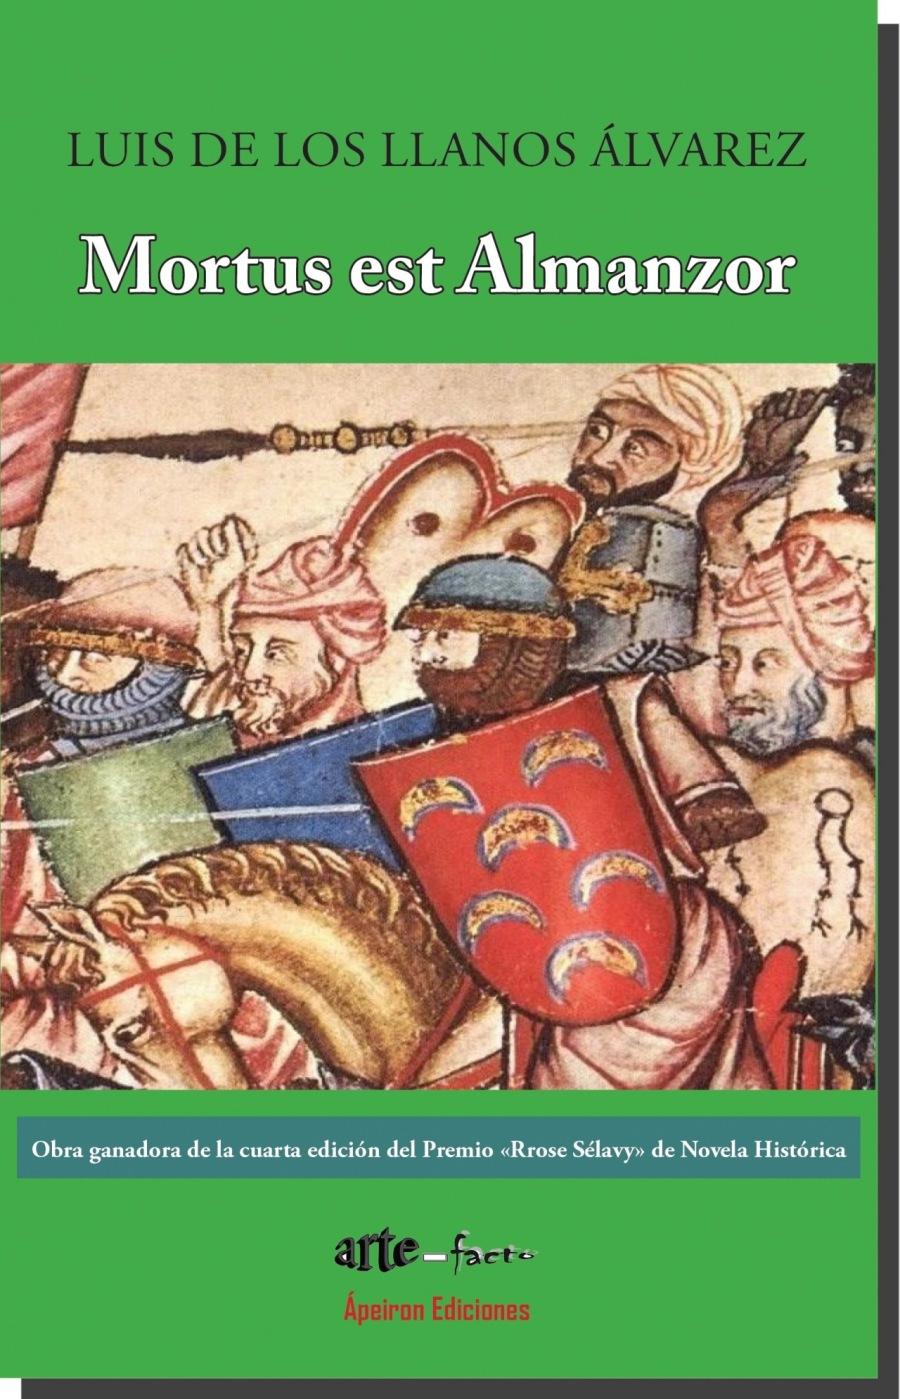 Moortus est Almanzor     Obra ganadora de la cuarta edicién del Premio «Rrose Sélavy» de Novela Histérica